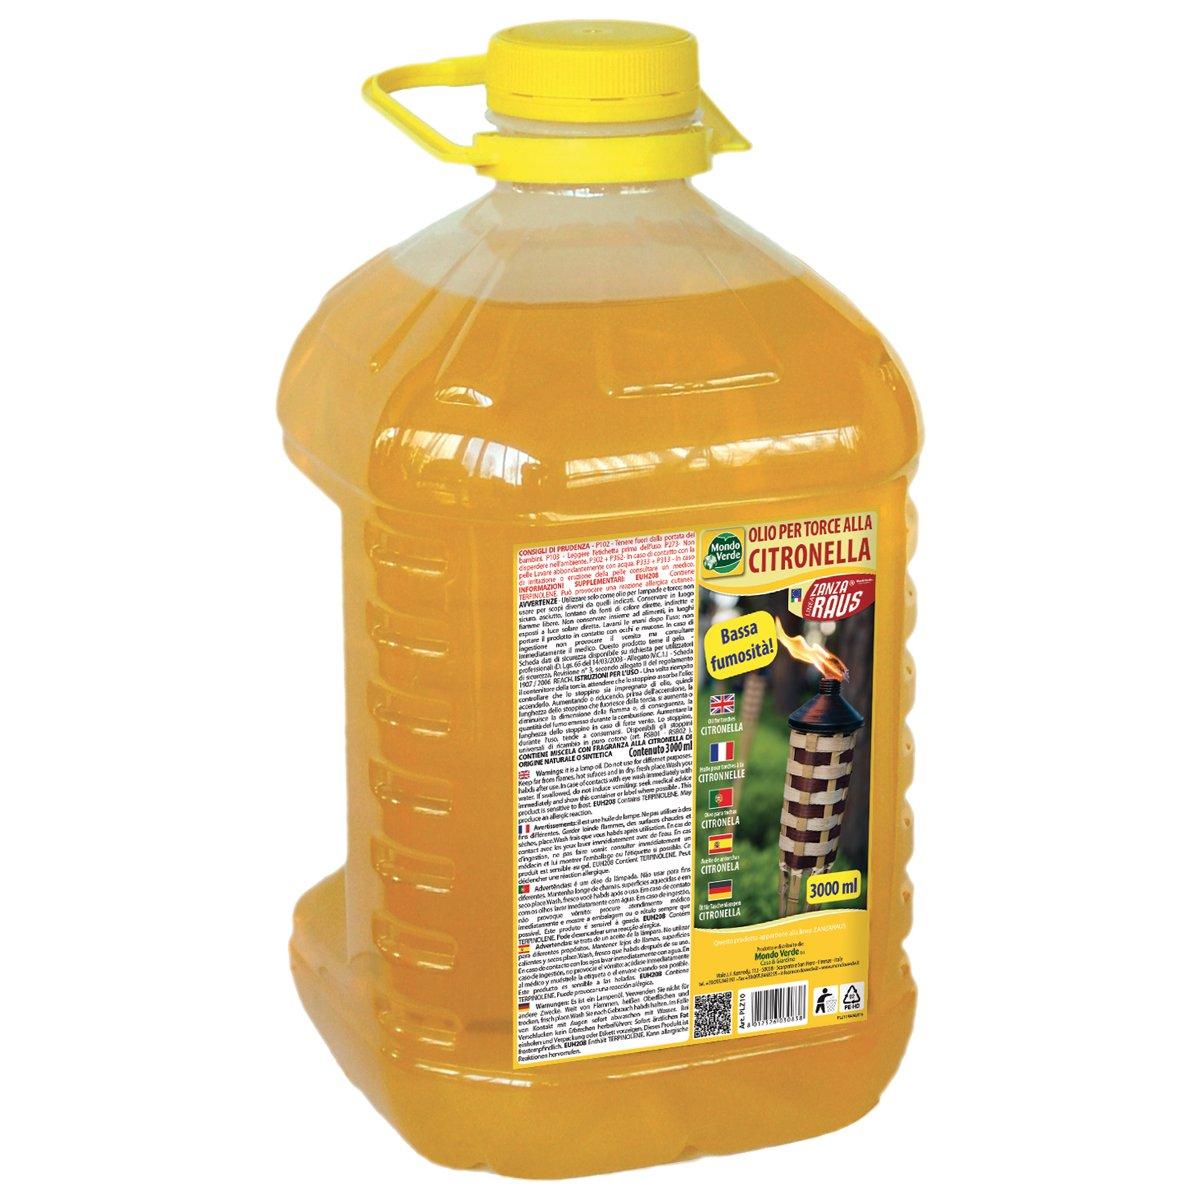 Olio per torce citronella 3lt MondoVerde